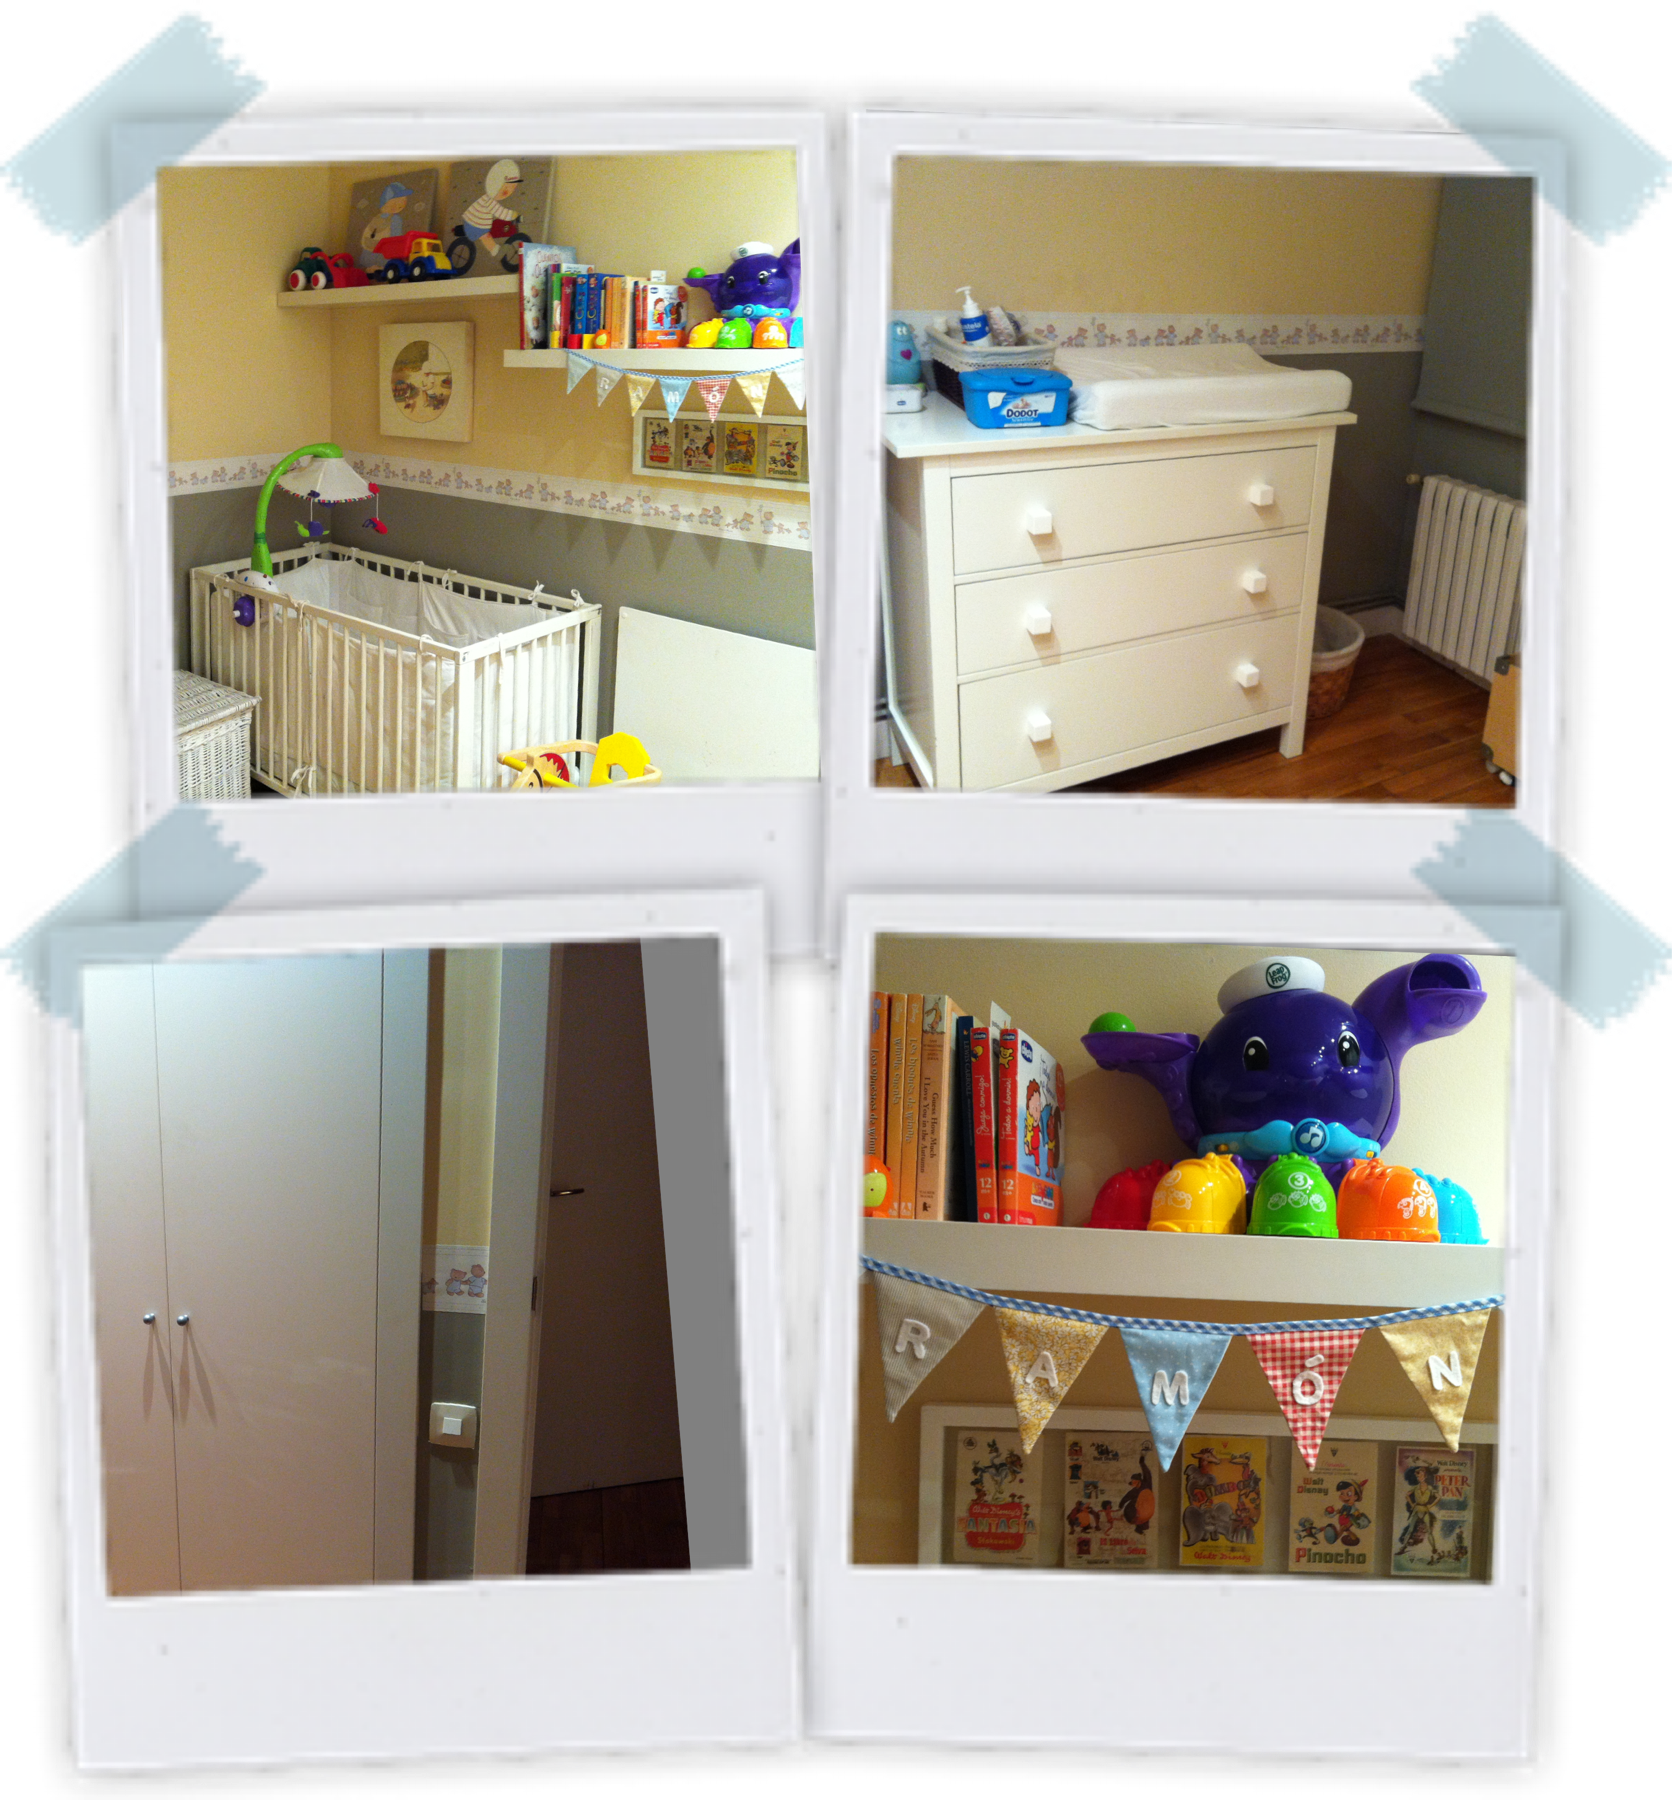 La habitación del bebé. Esta es la habitación de R, que pronto será la de C.